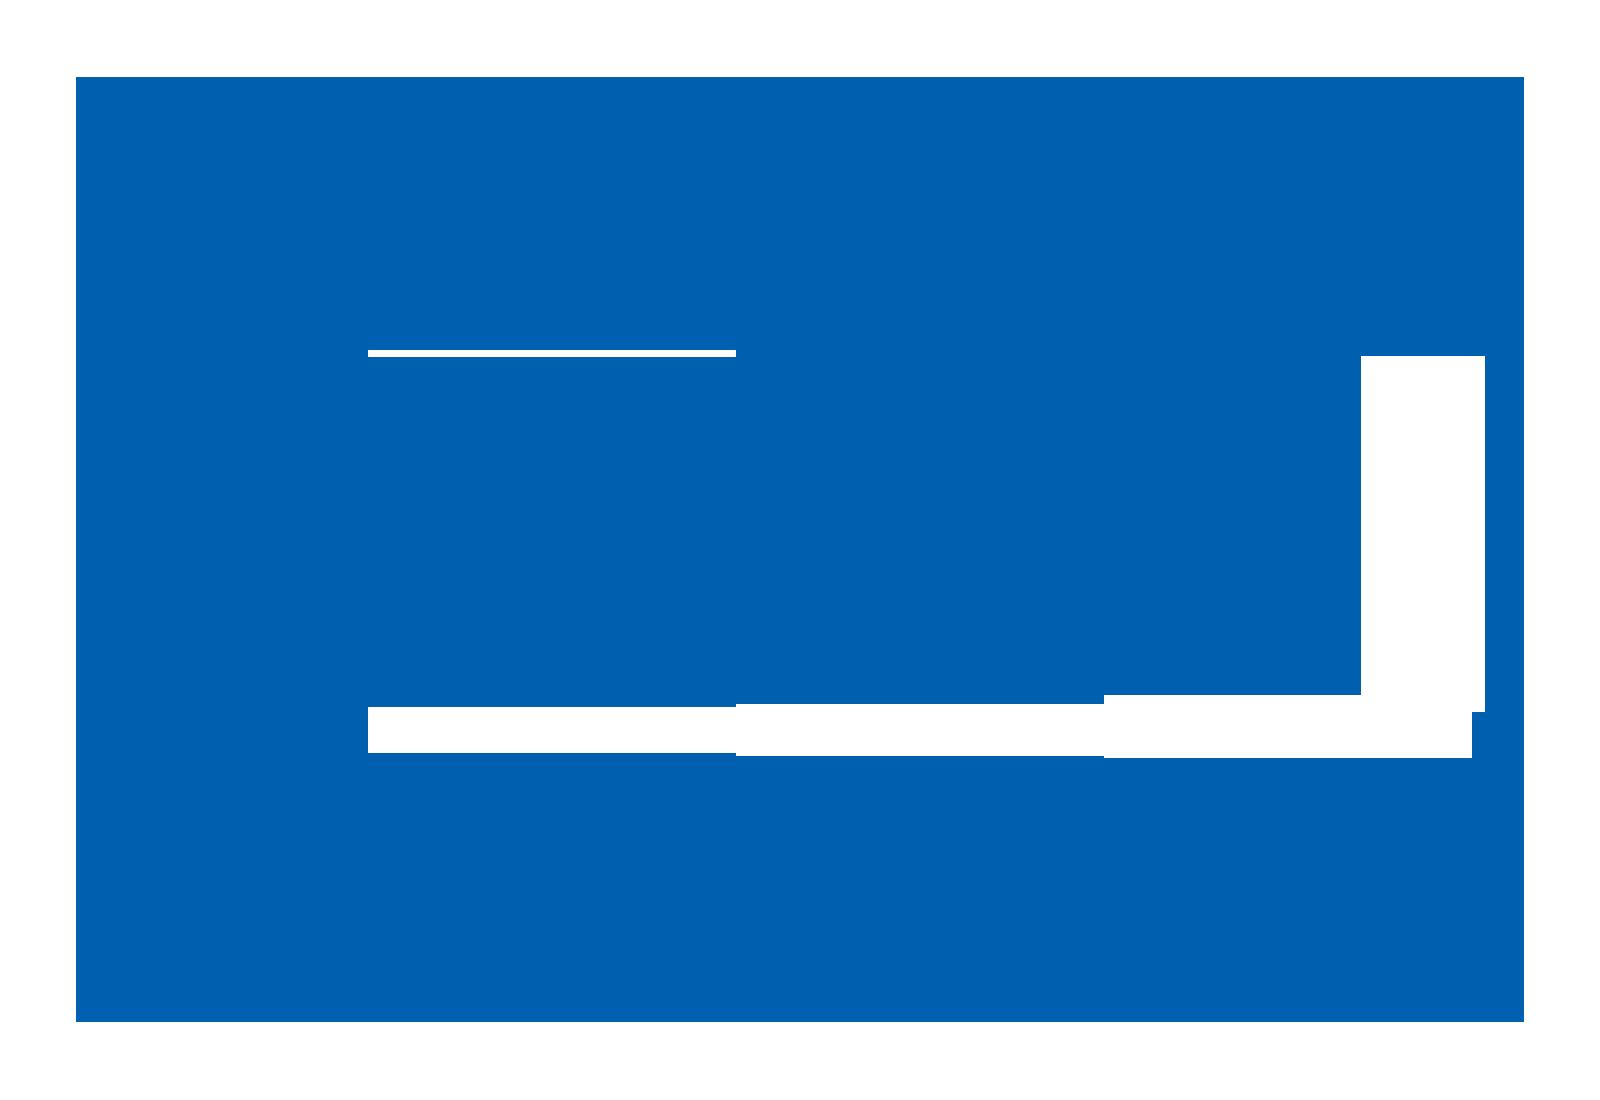 Sudioničko upravljanje u kulturi: Istraživanje praksi, teorija i politika. URADIMO ZAJEDNO.